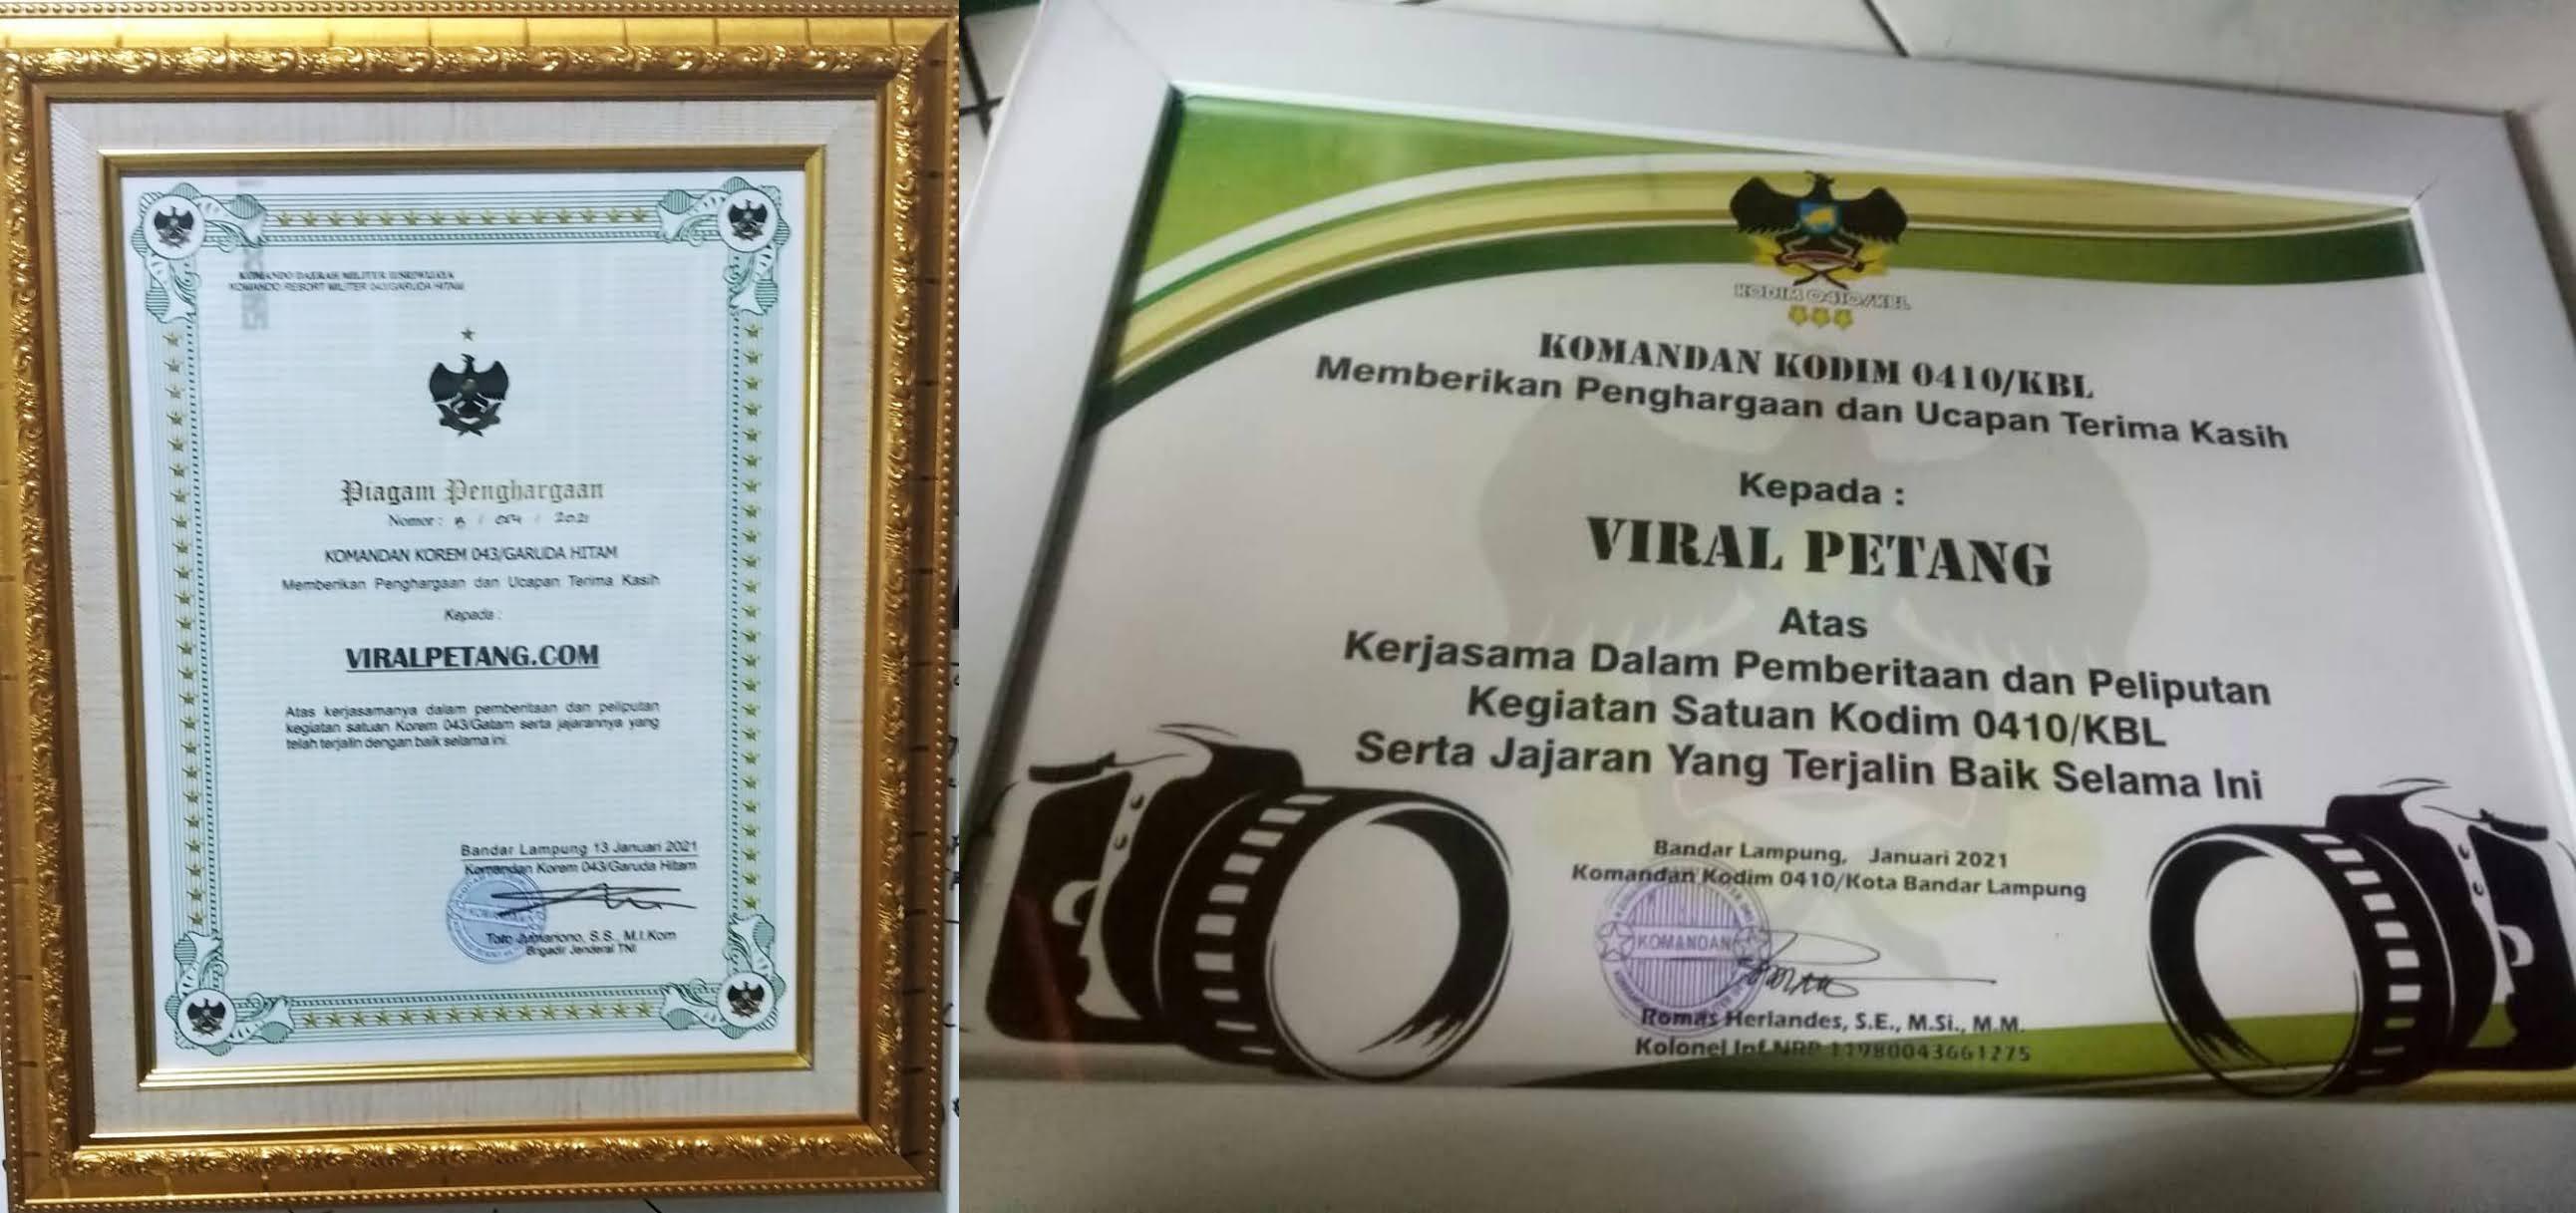 ViralPetang.com Terima Dua Penghargaan, Dari Dandim 0410KBL dan Korem 043Garuda Hitam